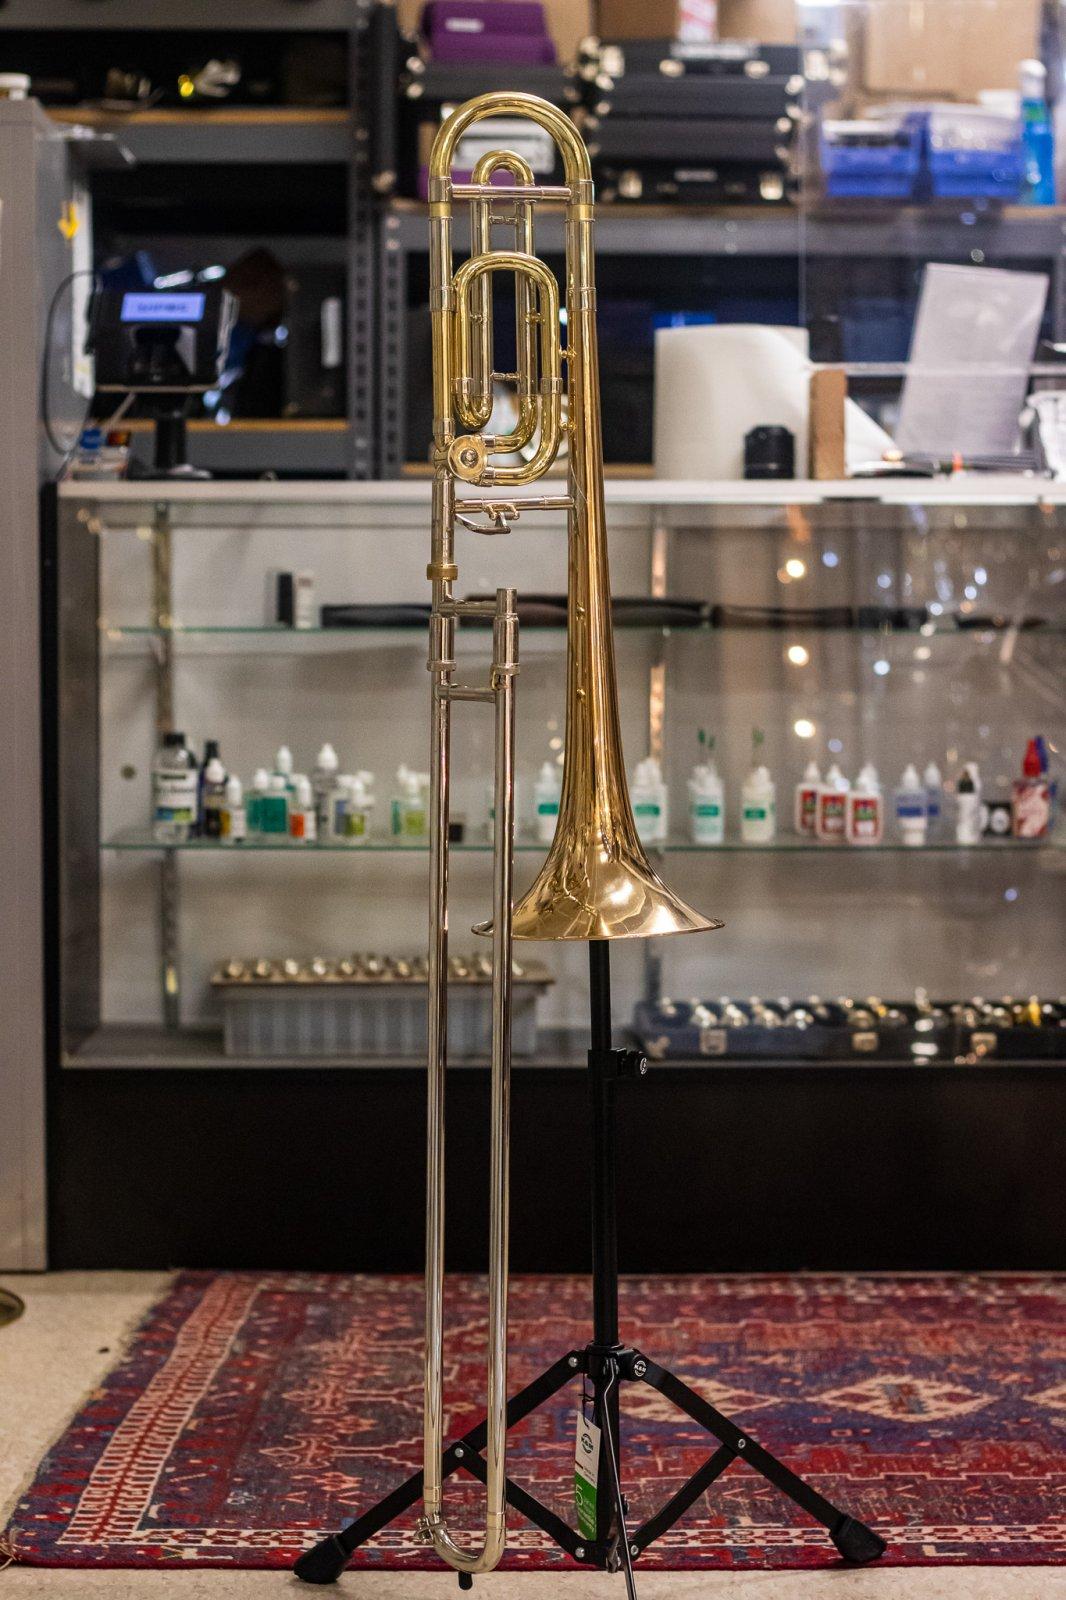 1997 Bach 36B Tenor Trombone w/ Gold Brass Bell - Used